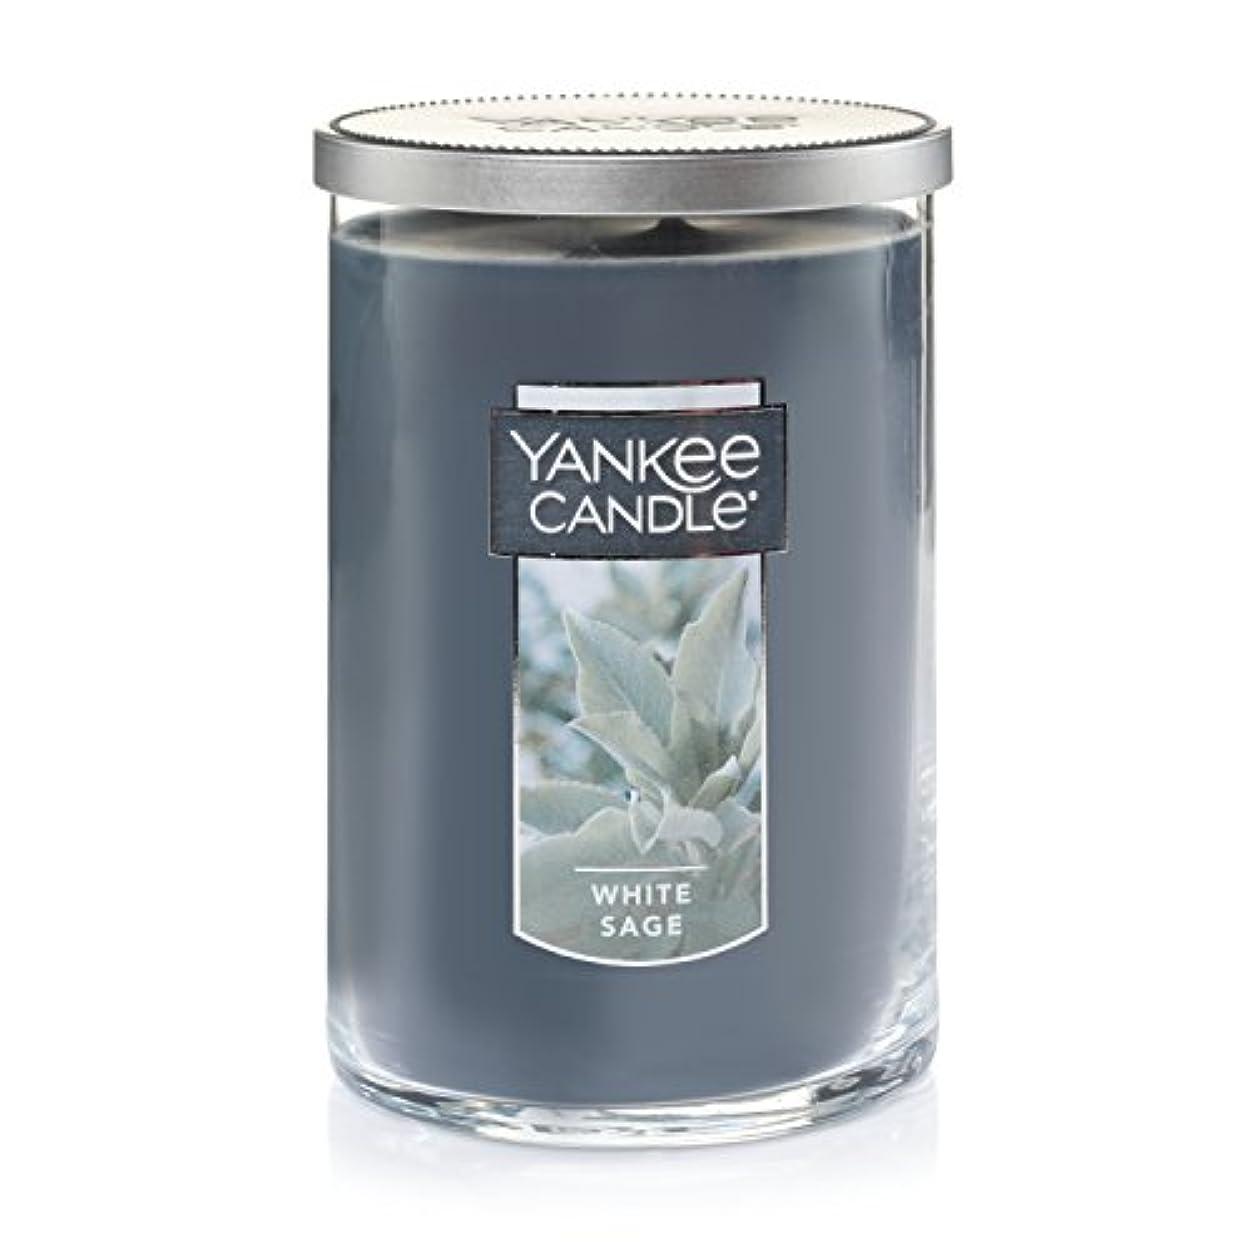 とんでもない痴漢ジョイントYankee Candleホワイトセージ Large 2-Wick Tumbler Candles 1556031-YC